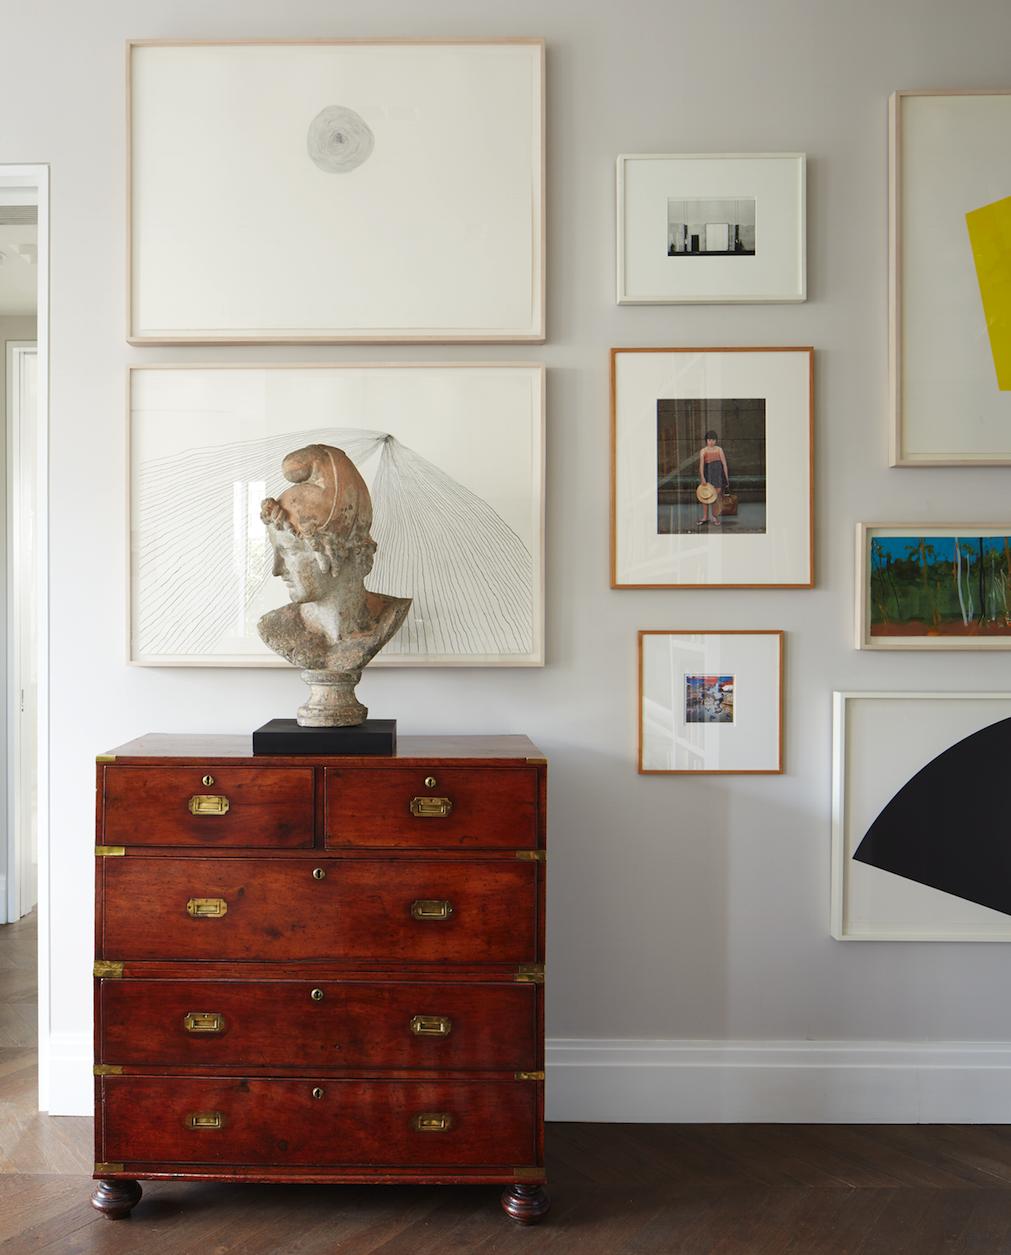 La Dolce Vita Is A Design Blog Featuring Interior Design